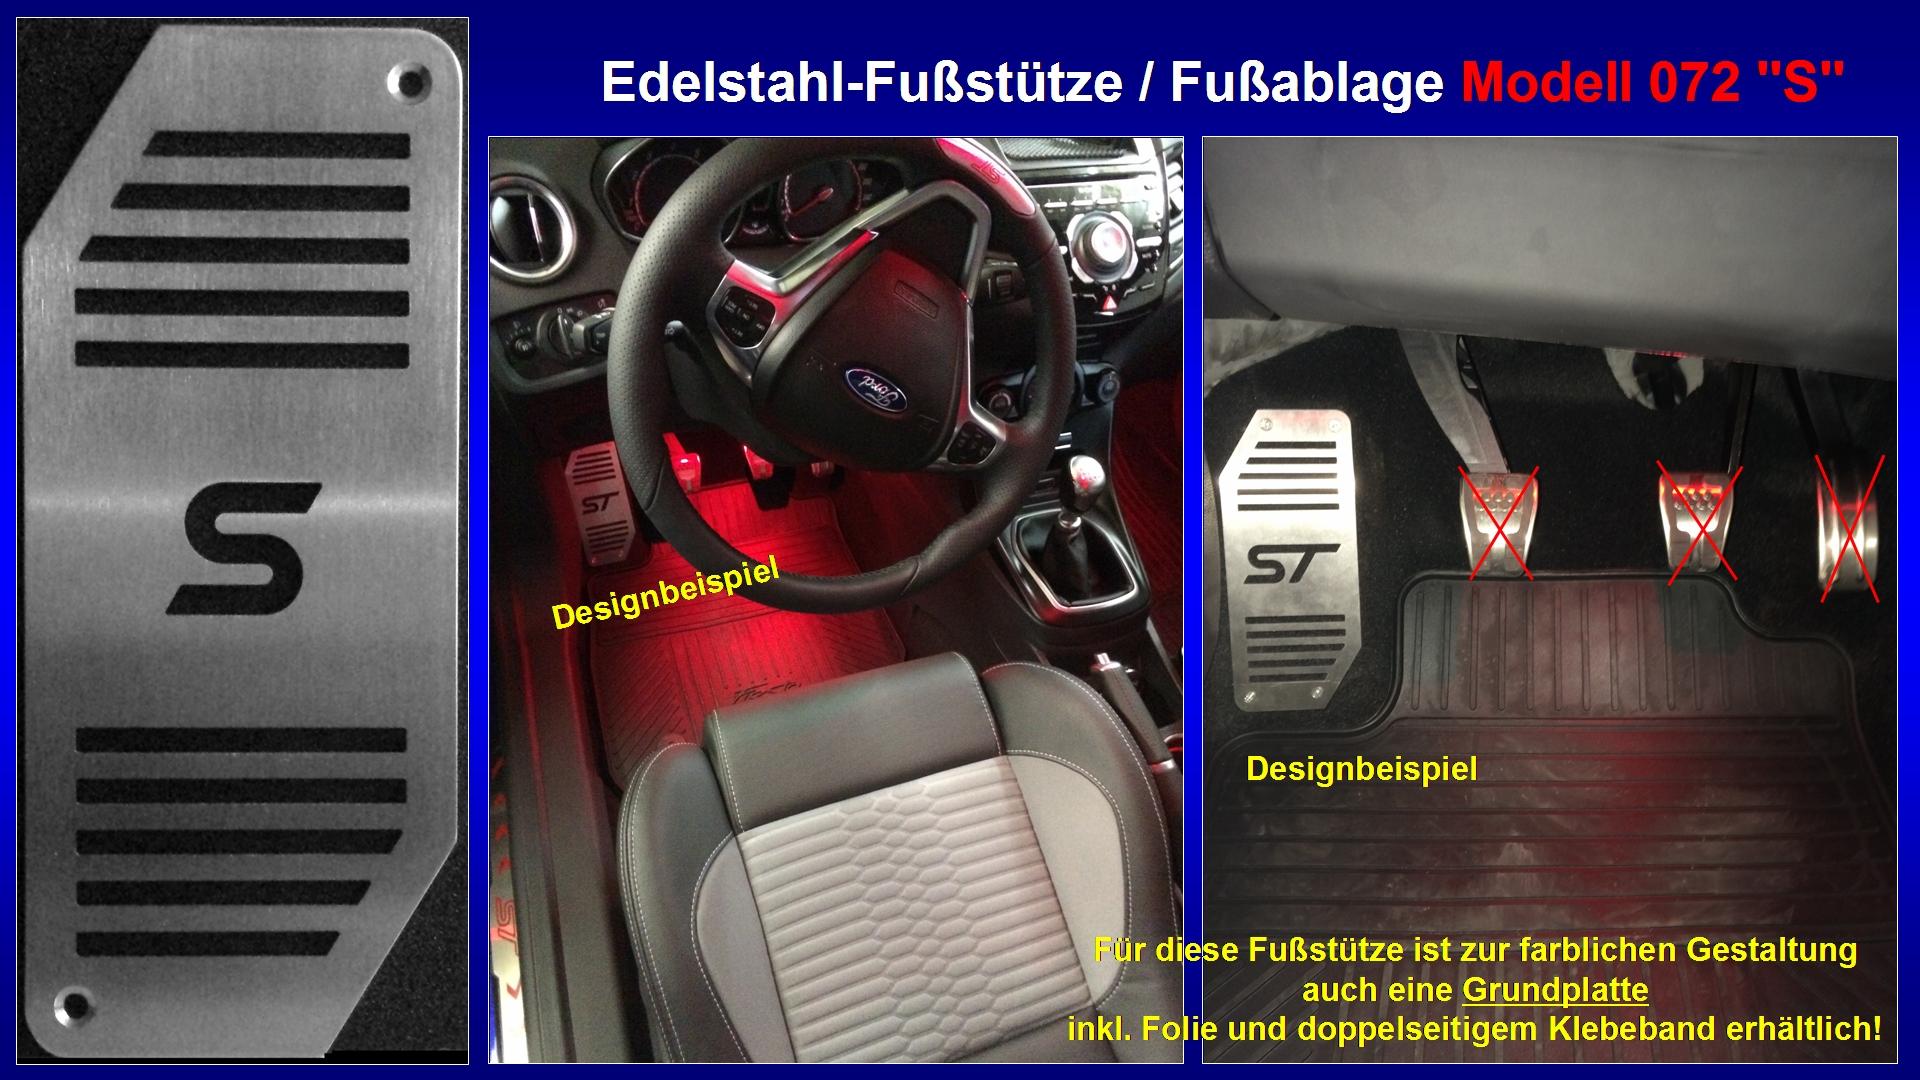 Präsentation Edelstahl-Fußstütze Modell 072 ''S'' [S-Logo].jpg